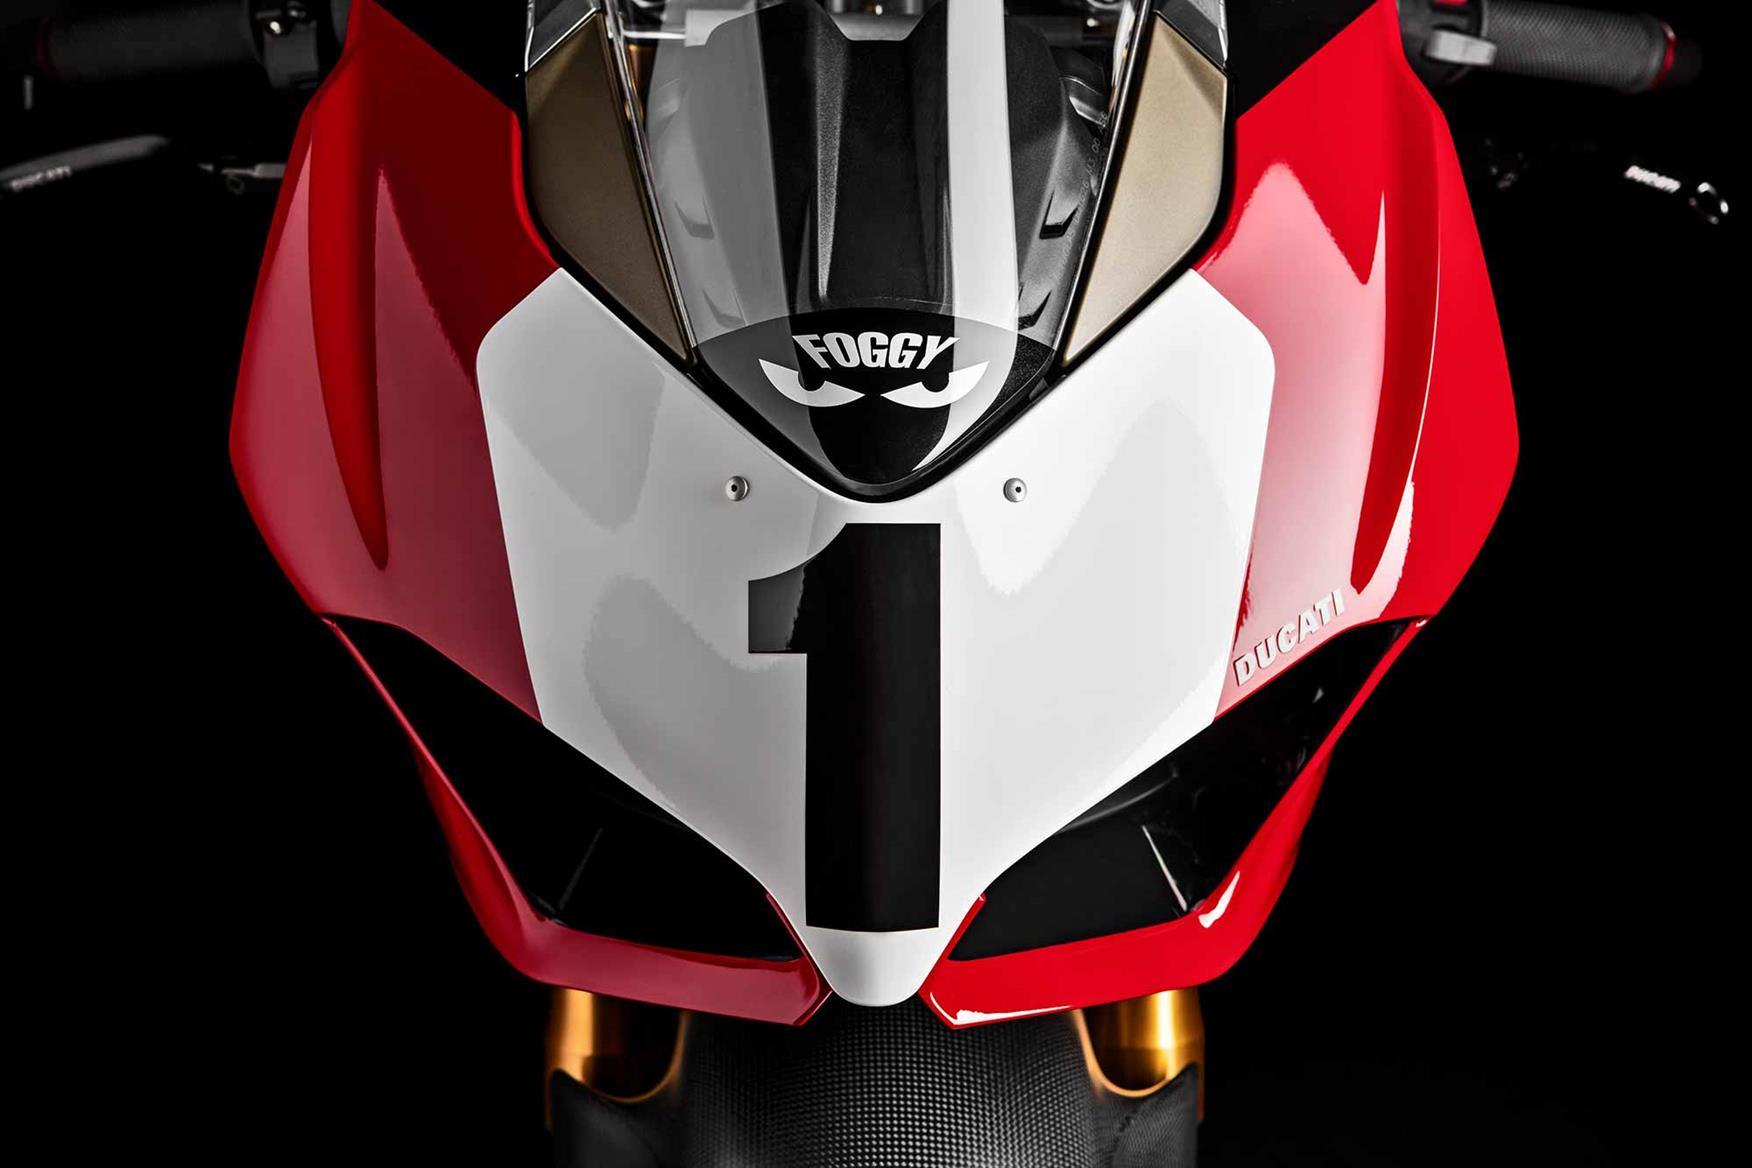 Ducati Panigale V4 25° Anniversario 916 front end